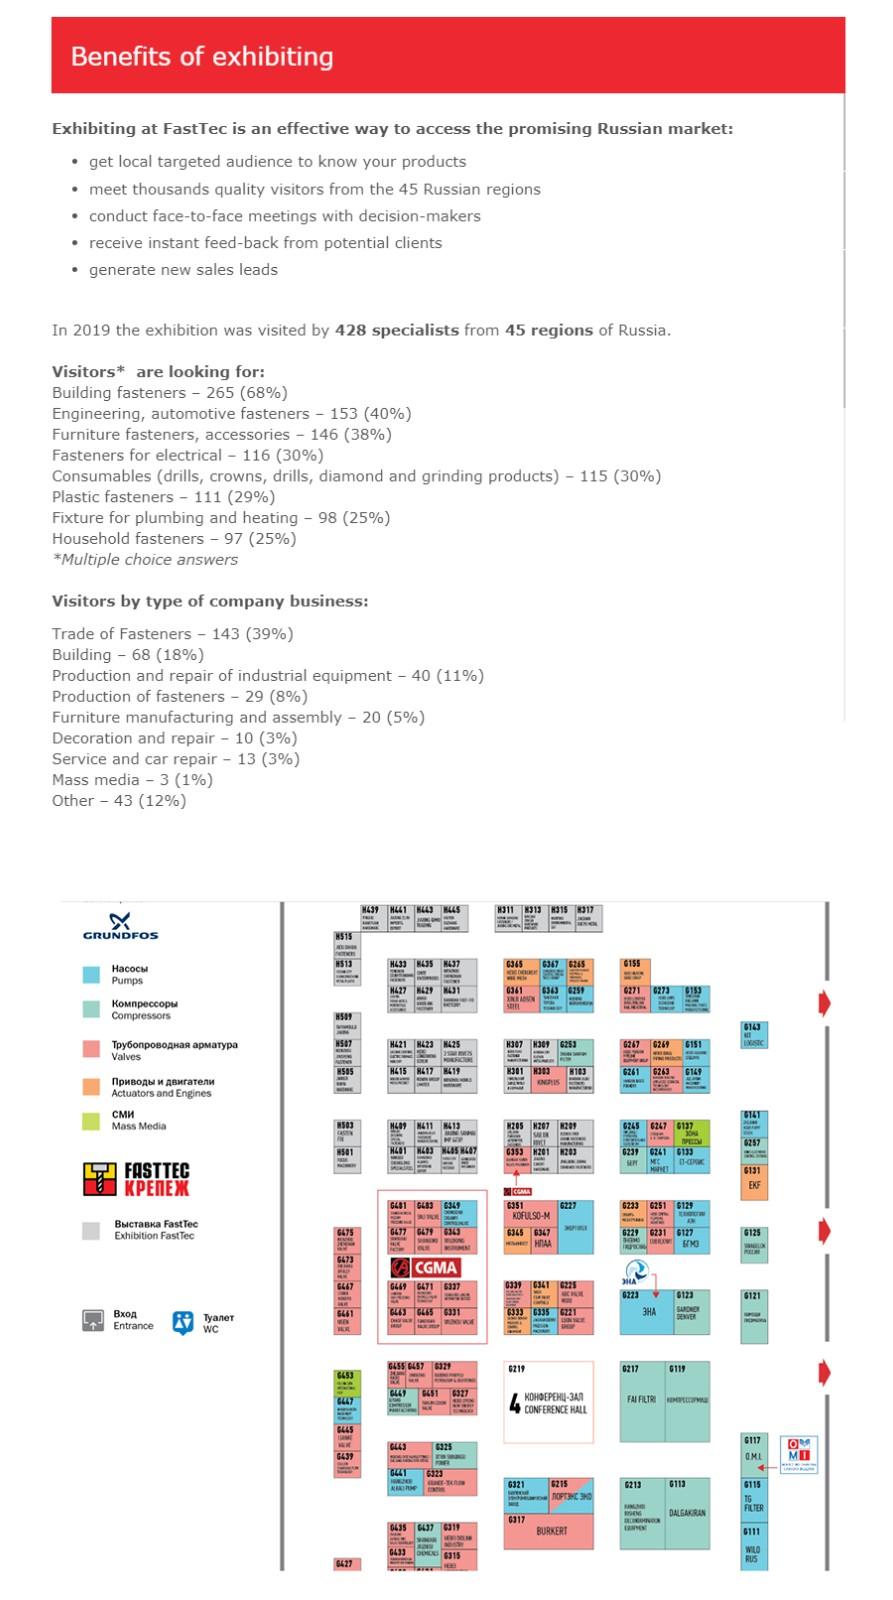 俄羅斯莫斯科緊固件展覽會FastTec